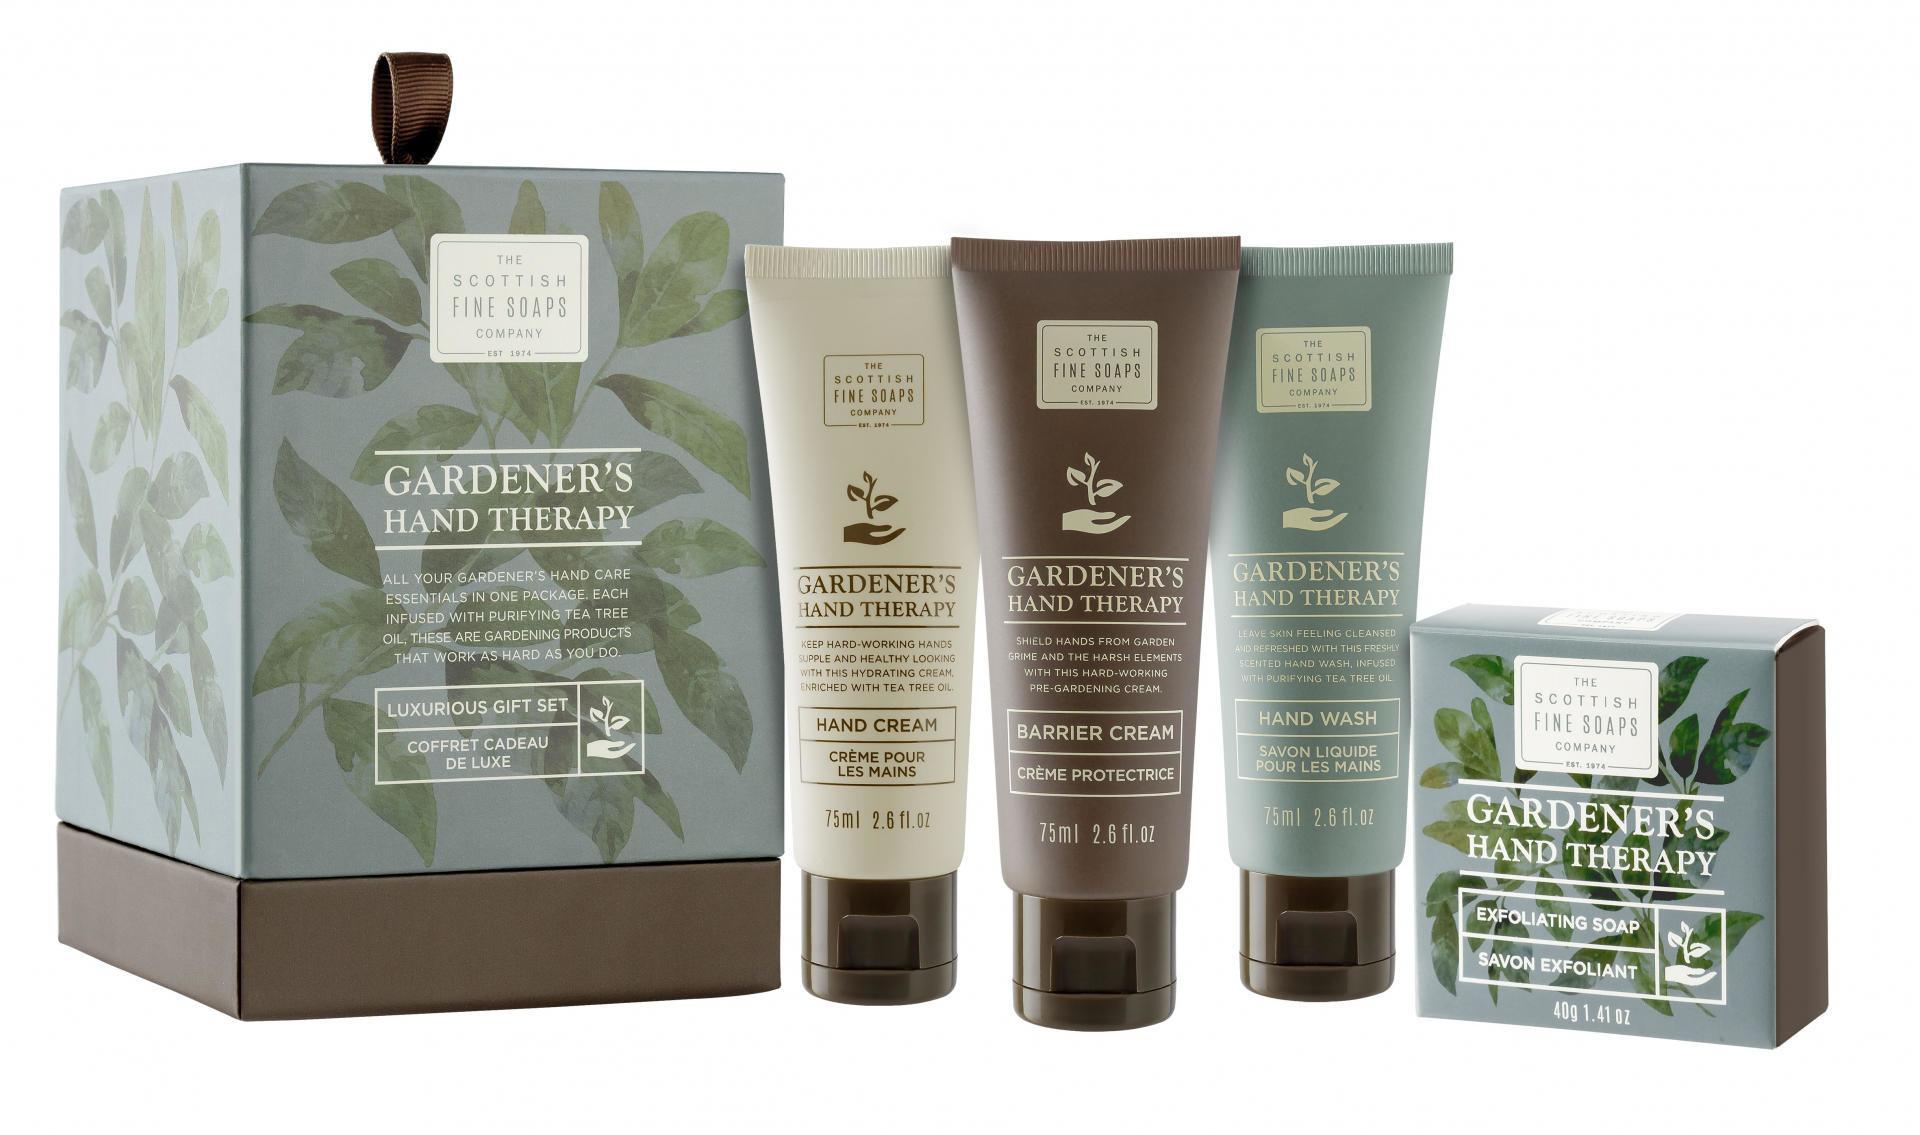 SCOTTISH FINE SOAPS Dárková sada péče o ruce Gardeners Therapy, zelená barva, plast, papír